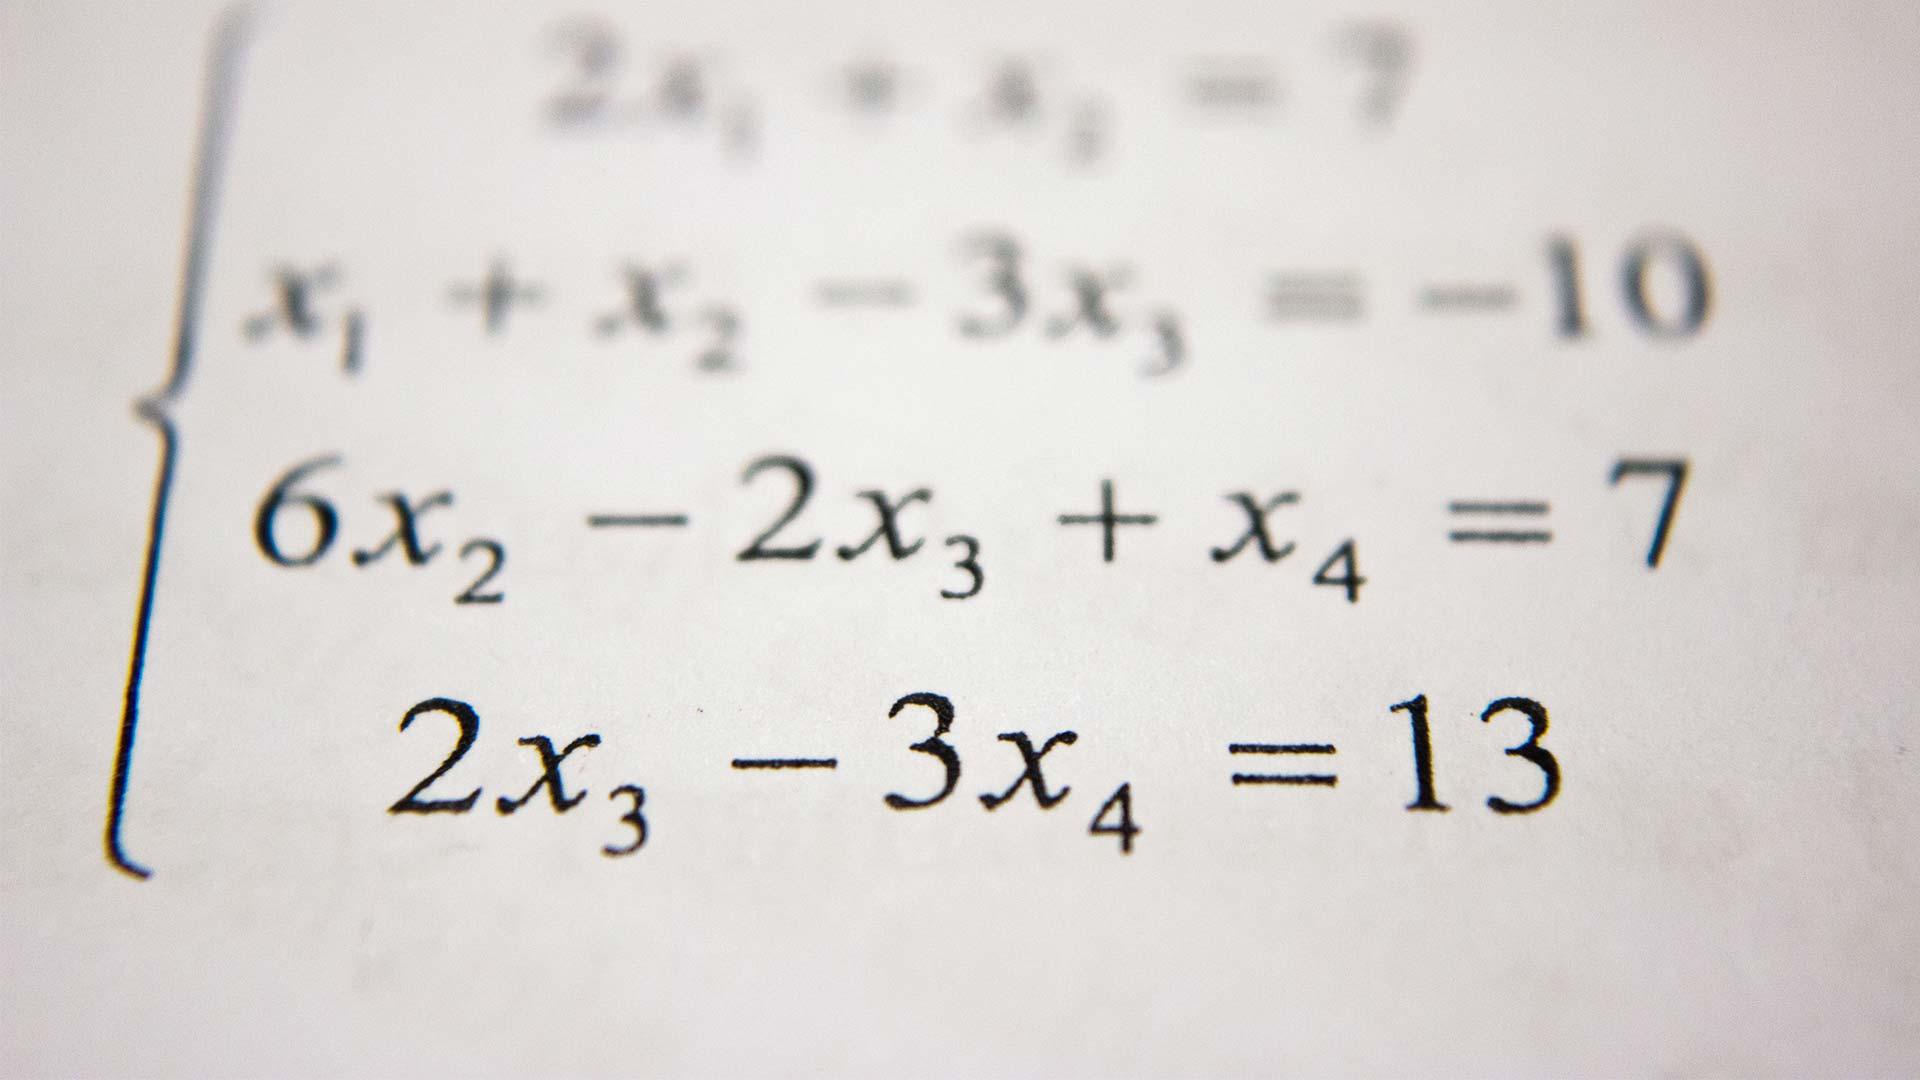 Mathematische Gleichung in einem Buch